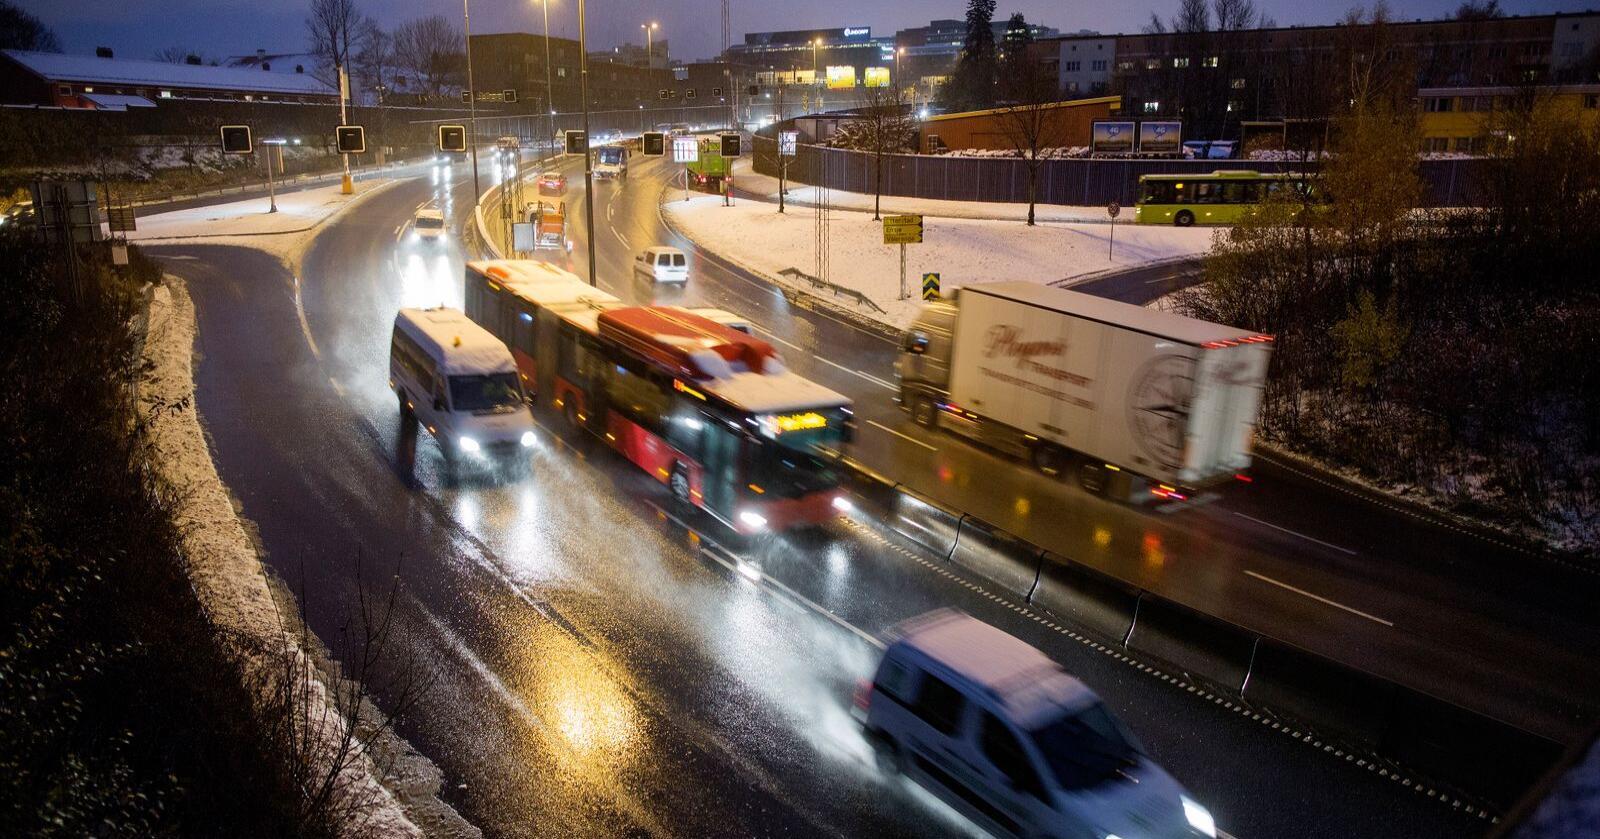 Det blir tett trafikk på dei store utfartsvegane ut av Oslo før helger og feriar, for vi likar å køyre sjølv når vi skal på hytta. Illustrasjonsfoto: Thomas Winje Øijord / NTB scanpix / NPK